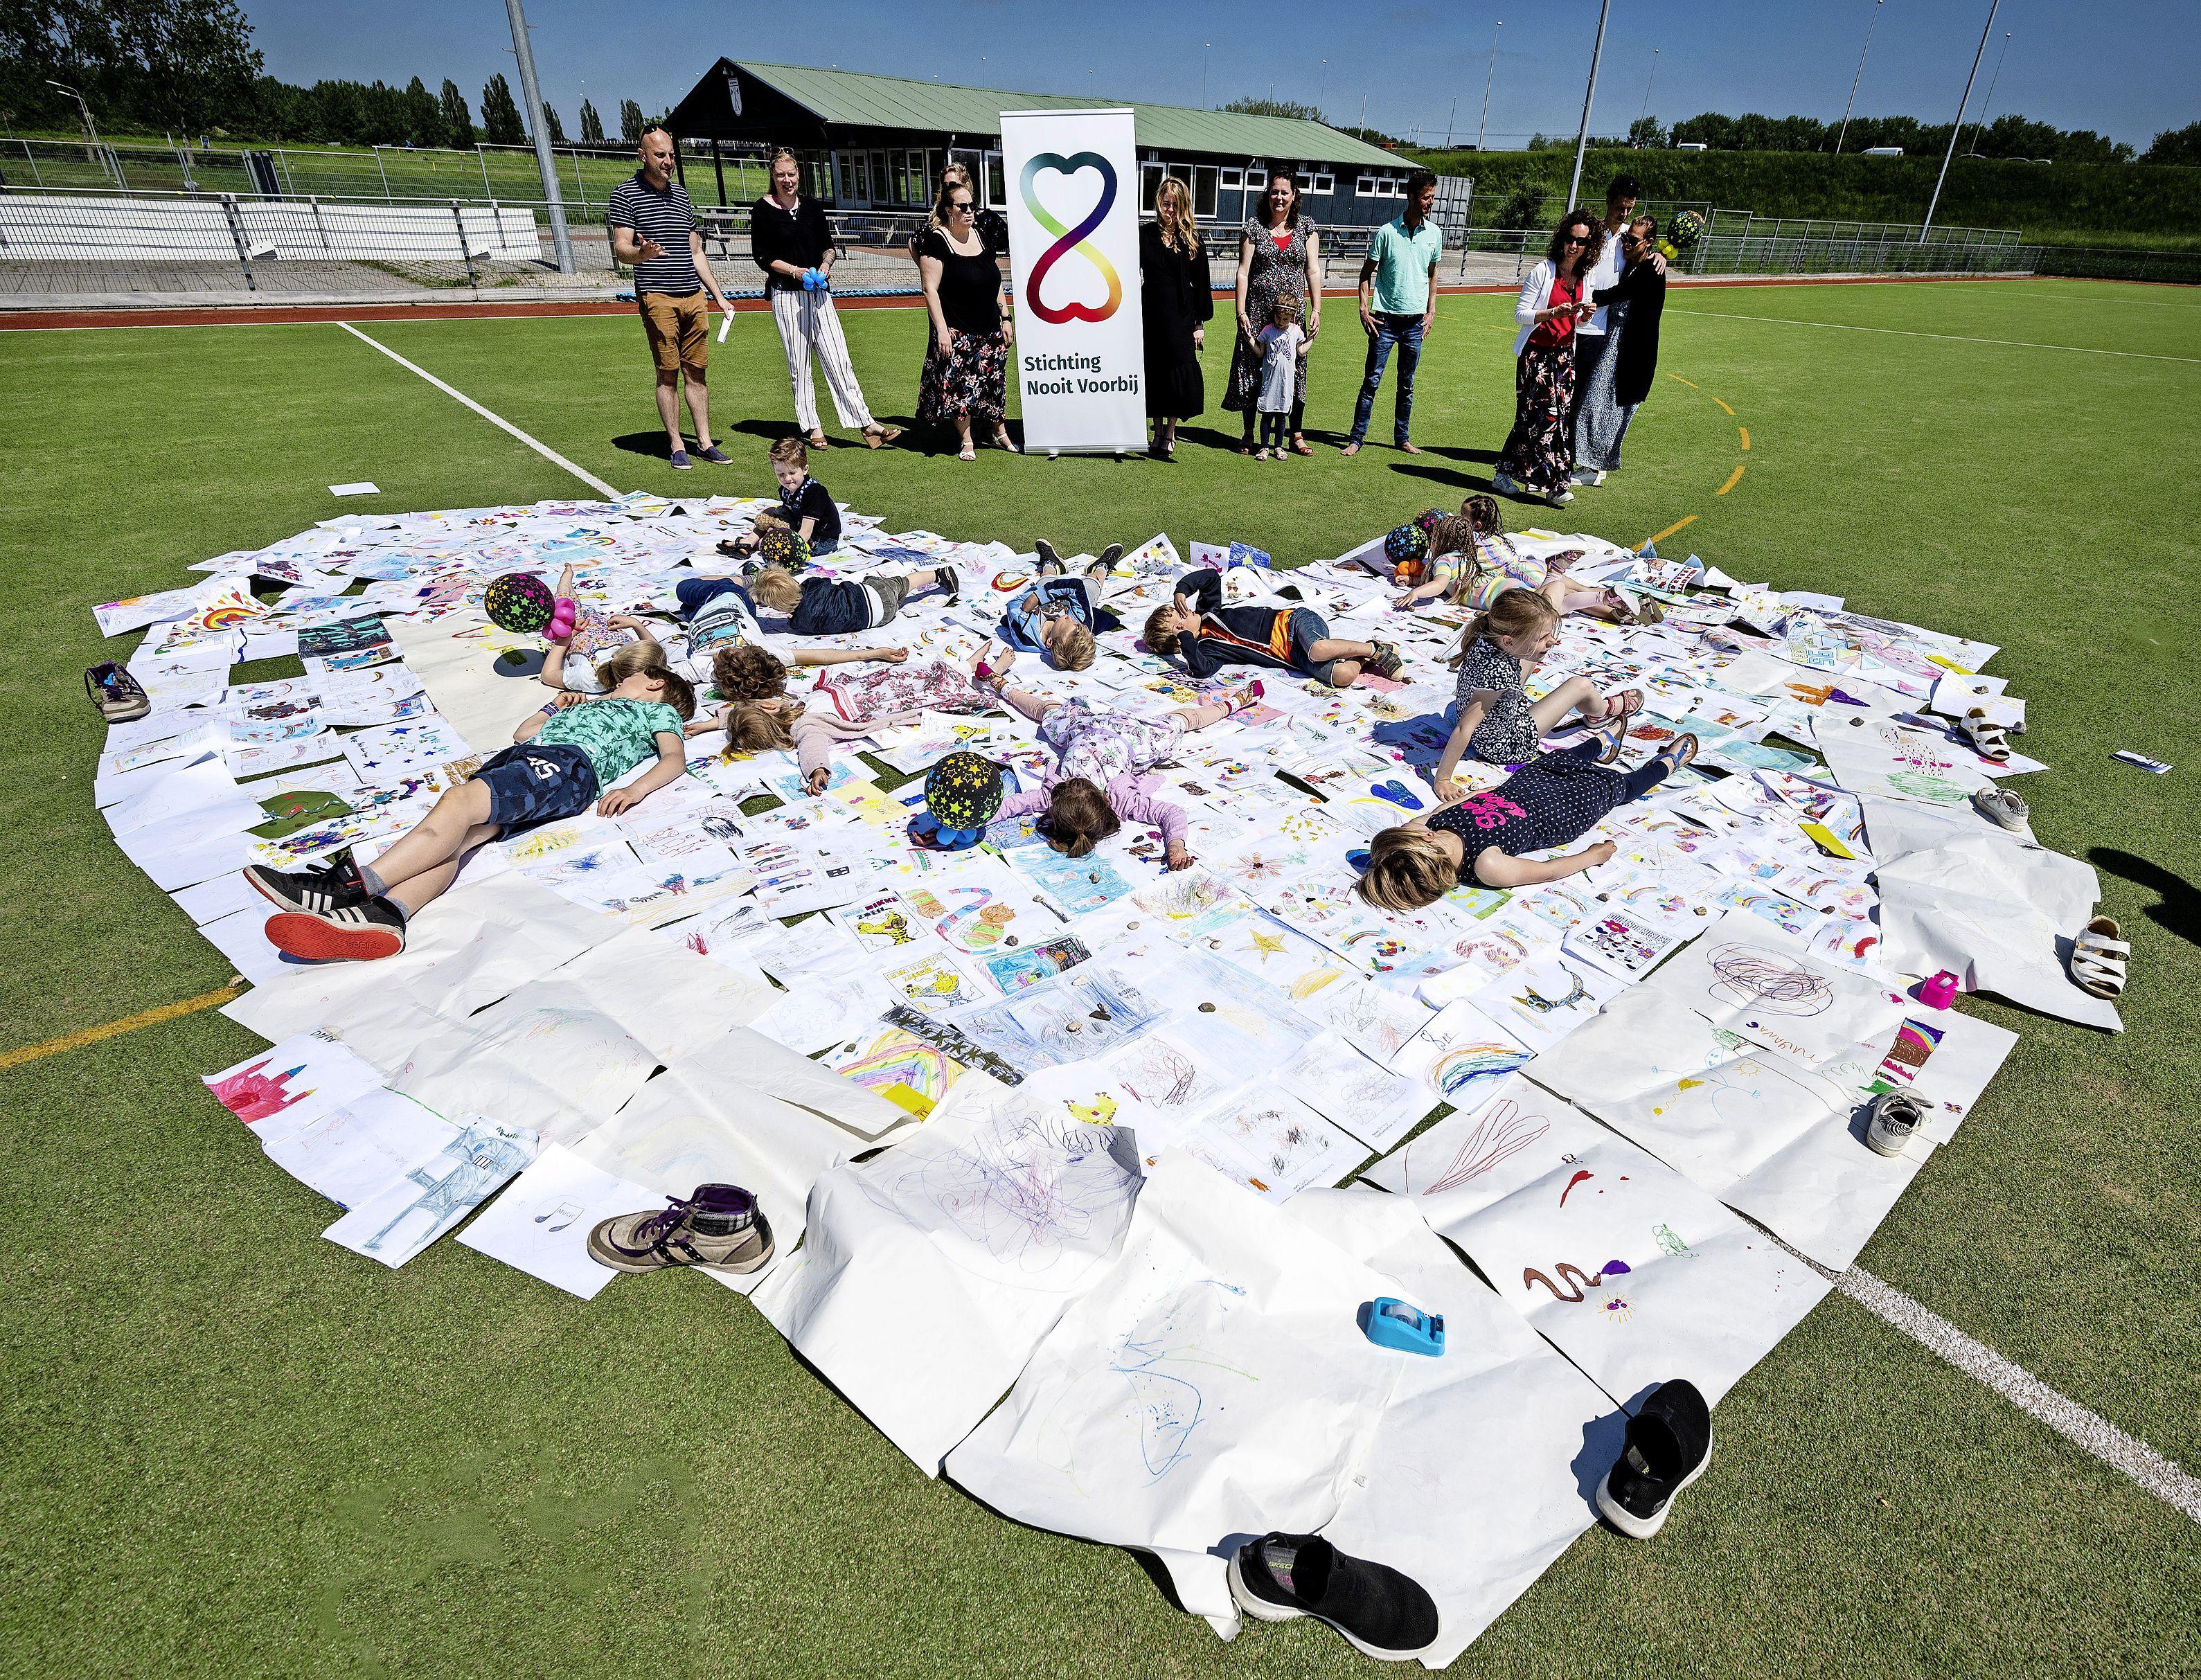 Honderden tekeningen grote steun voor kinderen die broertje of zusje zijn verloren. 'Ik mis je, kom alsjeblieft terug'